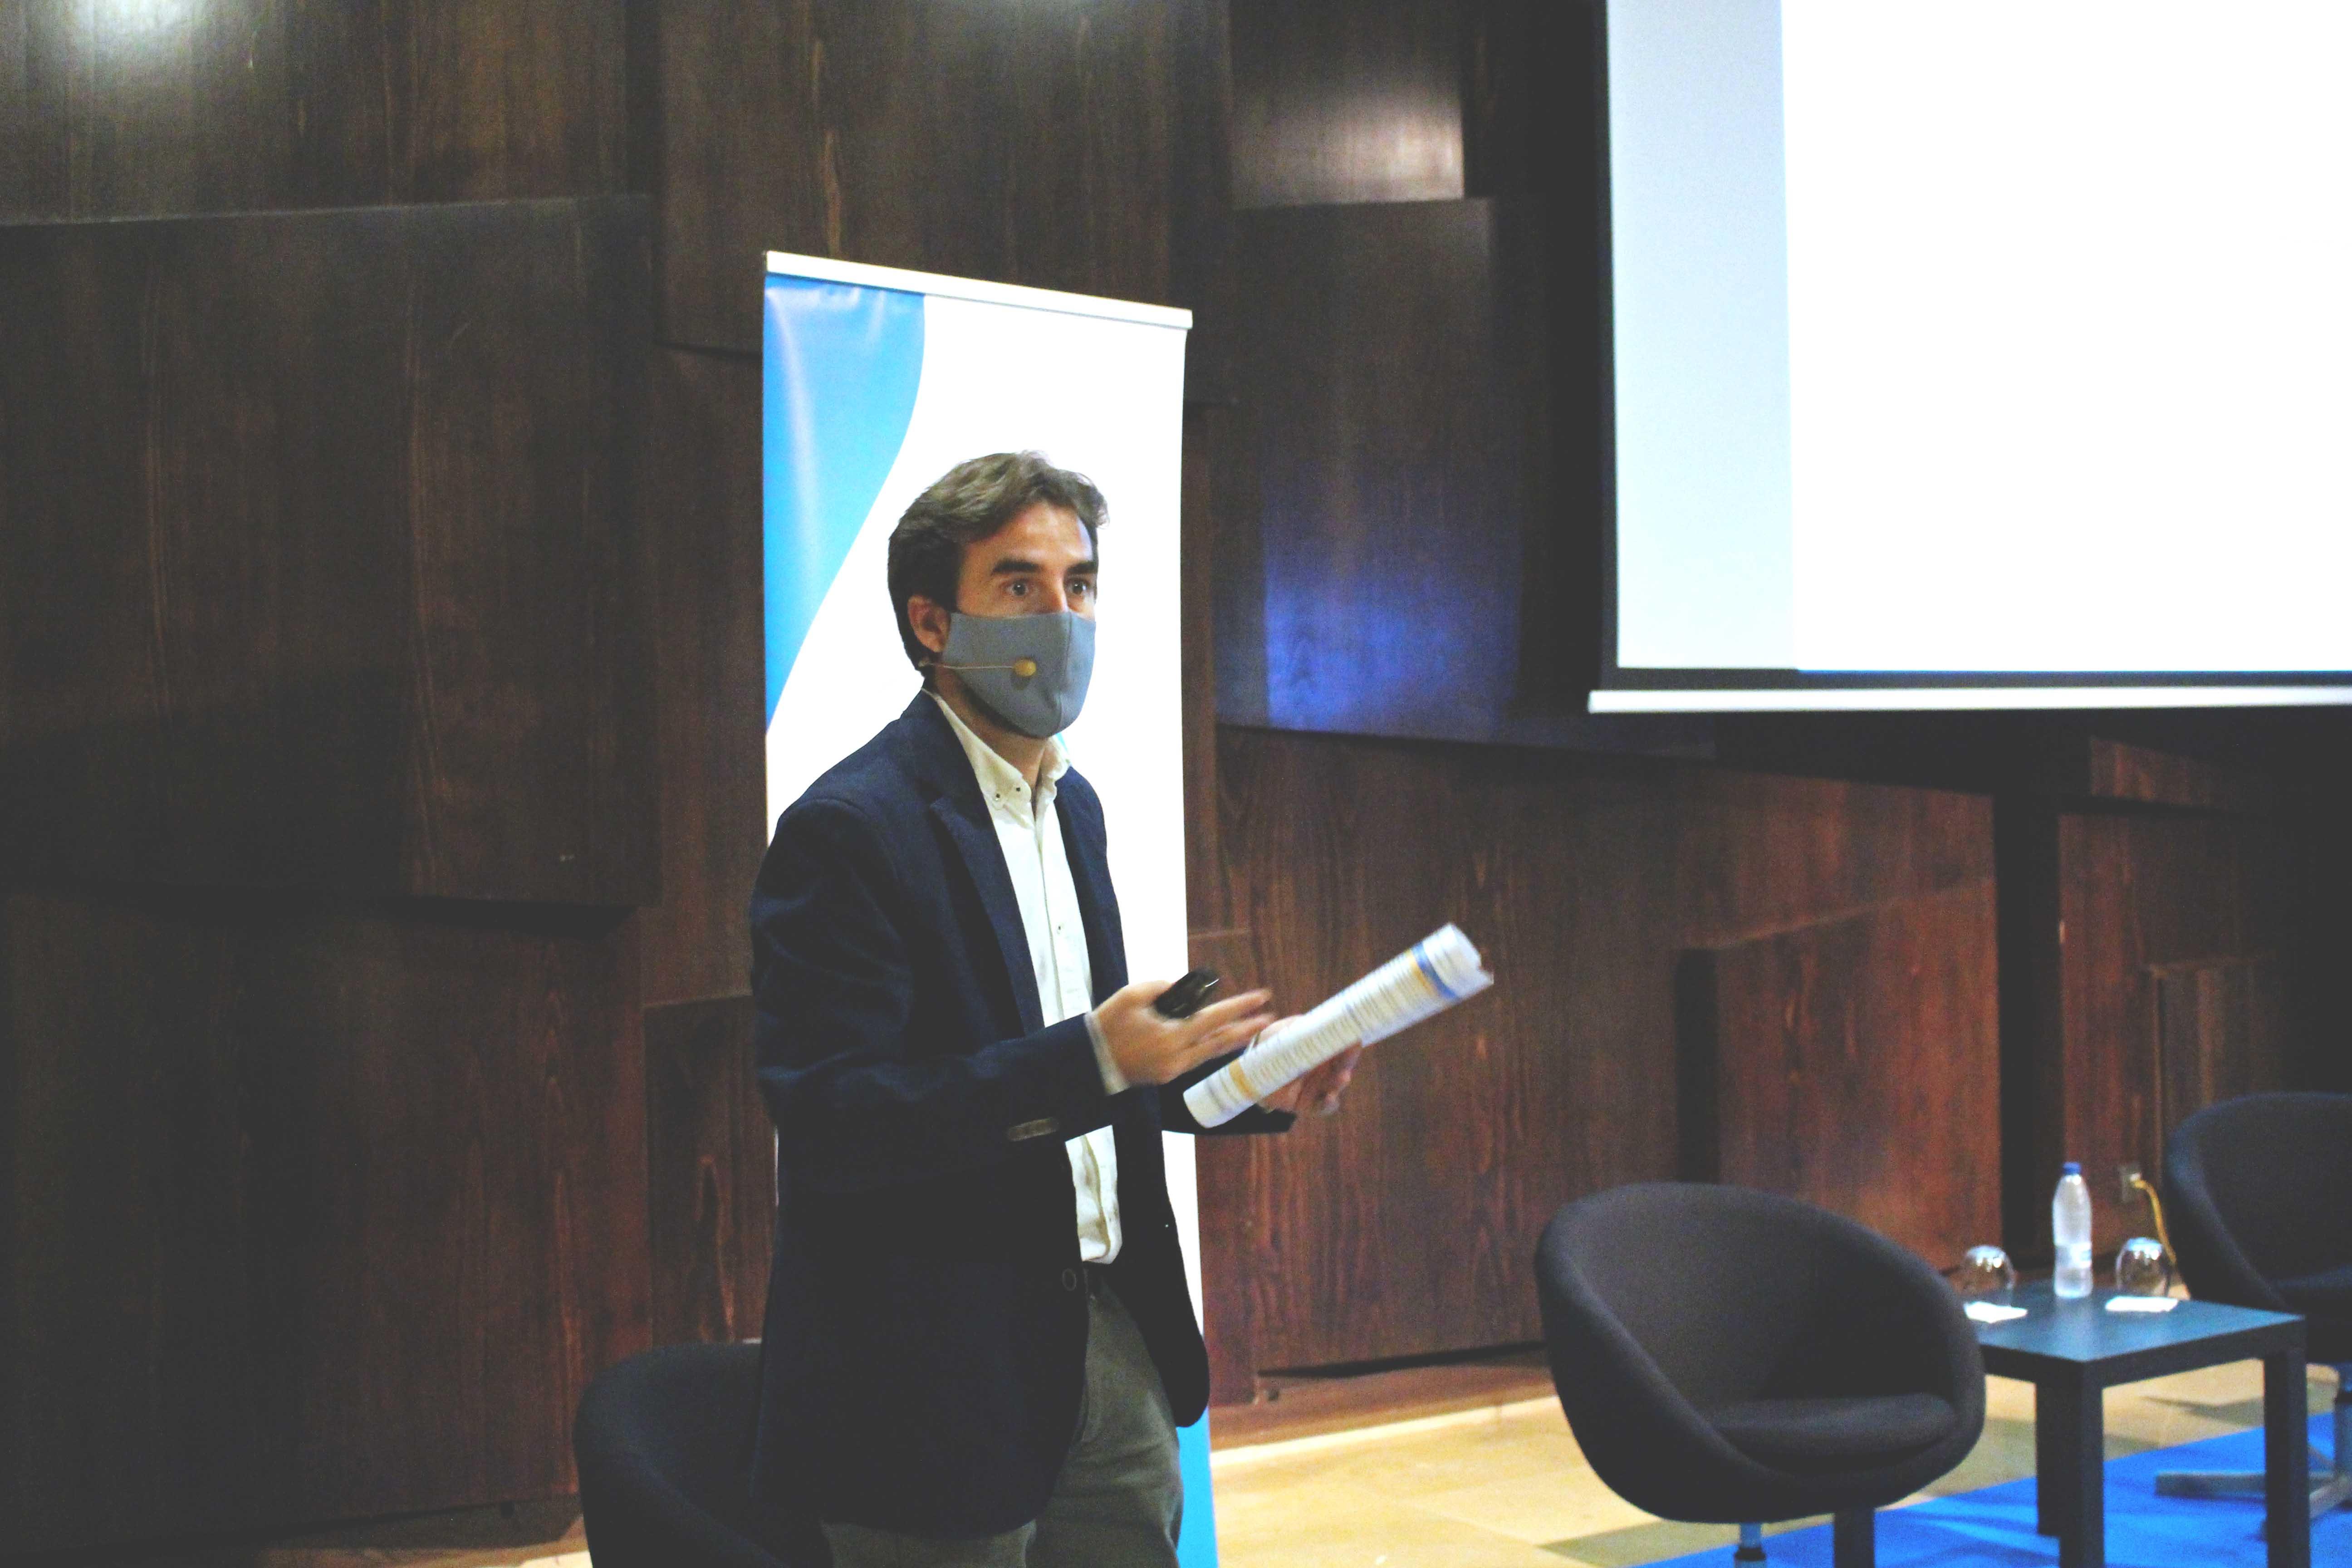 Rafael Casielles (Bioazul) presentation